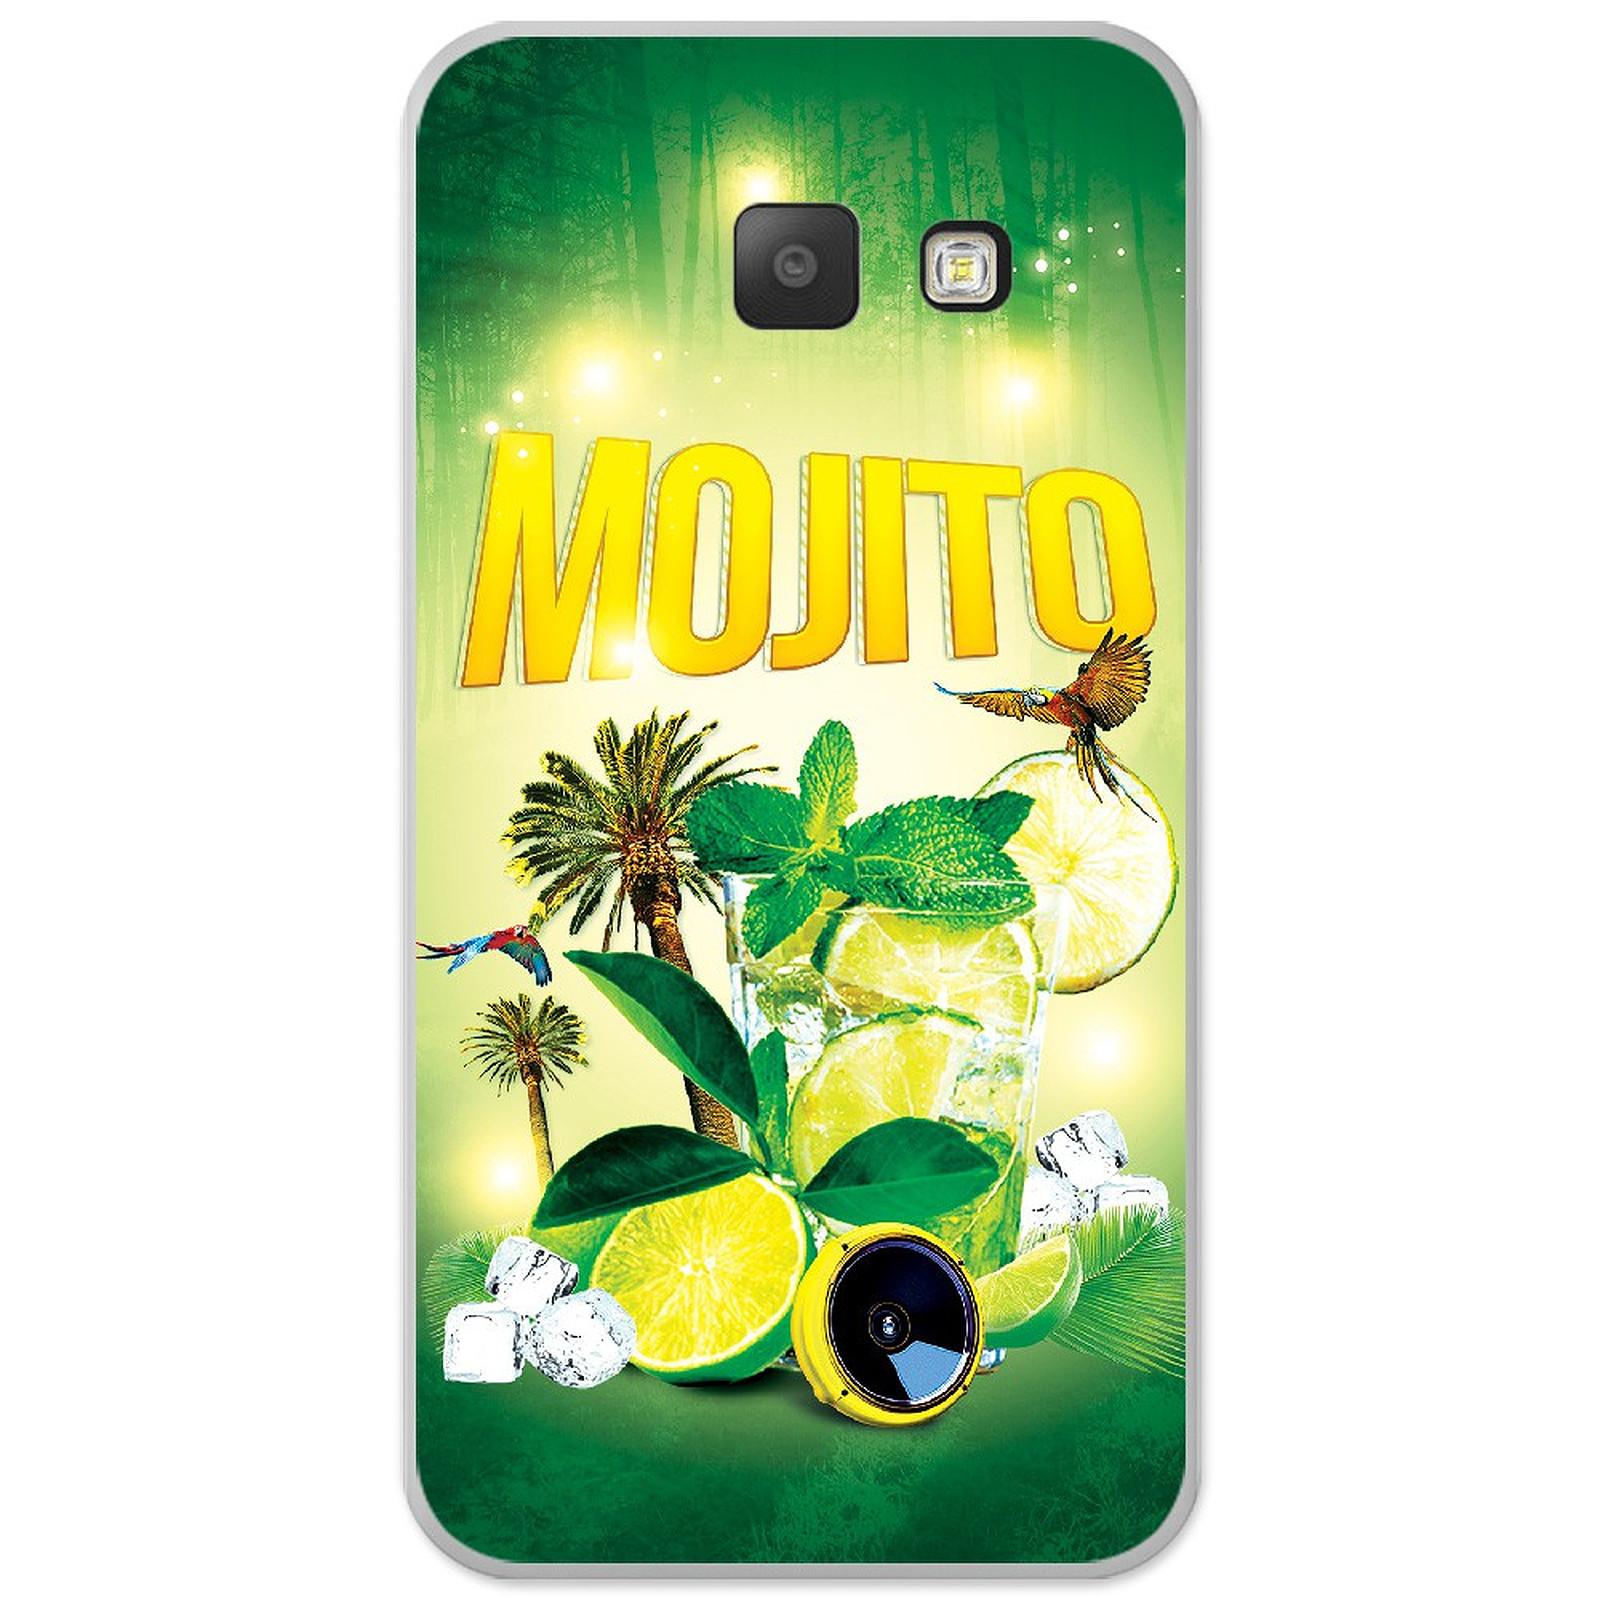 1001 Coques Coque silicone gel Samsung Galaxy A5 2016 motif Mojito forêt - Coque téléphone 1001Coques sur LDLC